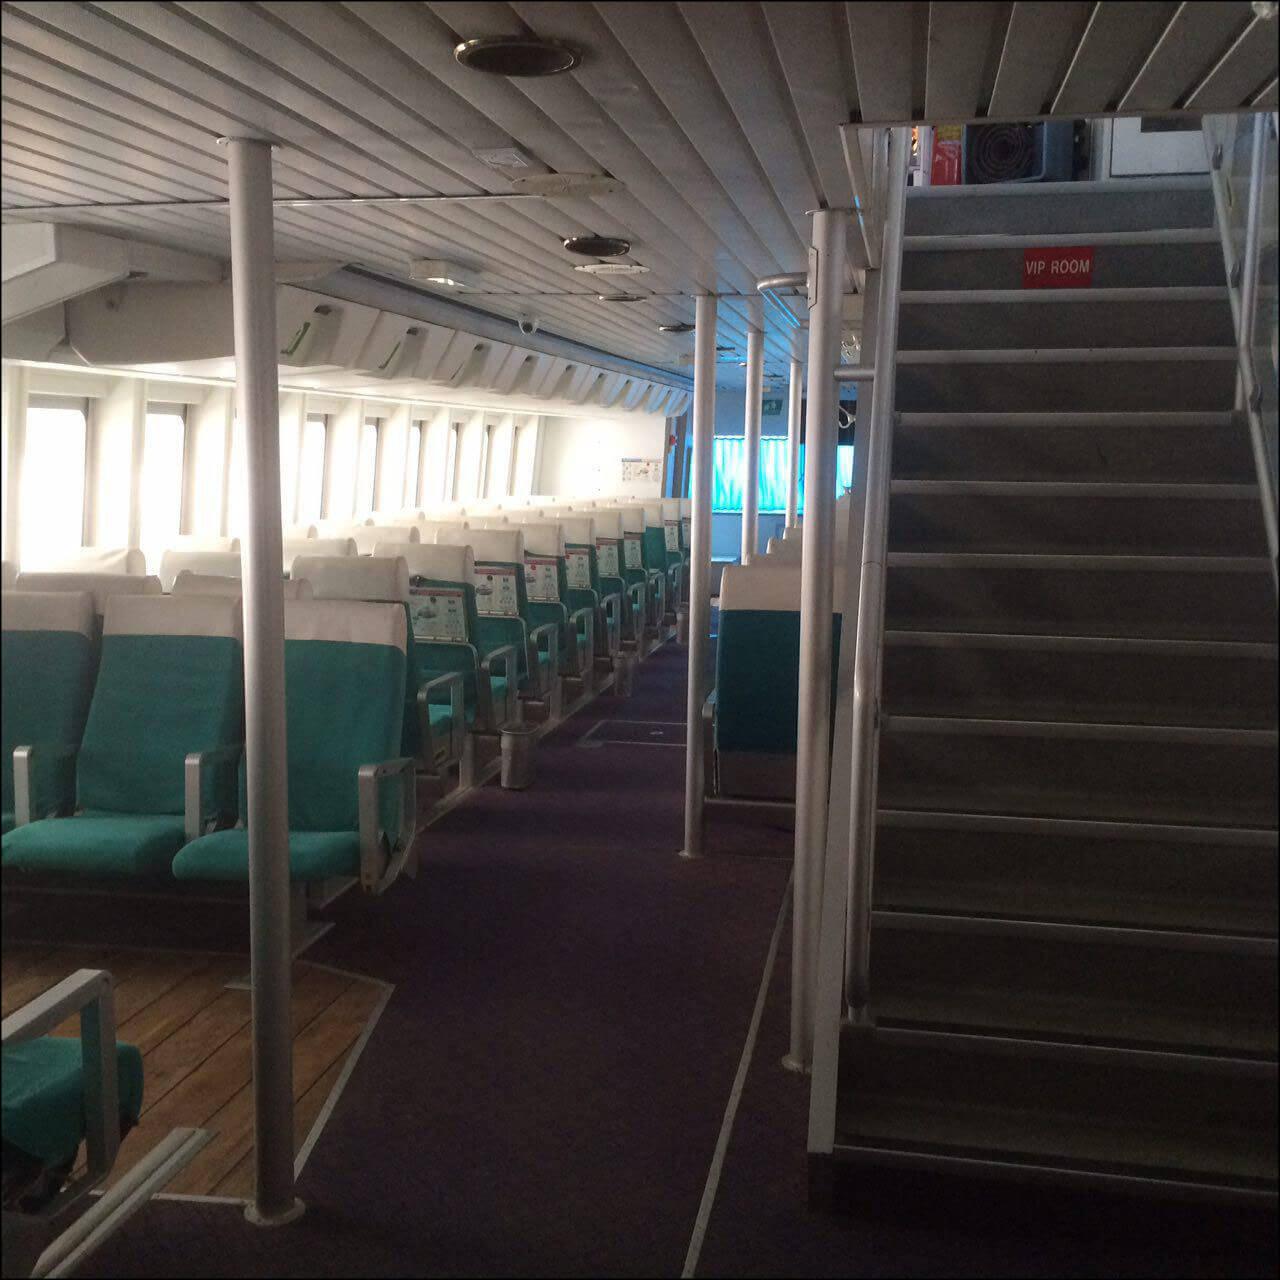 اجاره کشتی مسافربری کشتی مسافربری اجاره کشتی مسافربری photo 2017 03 12 09 28 22